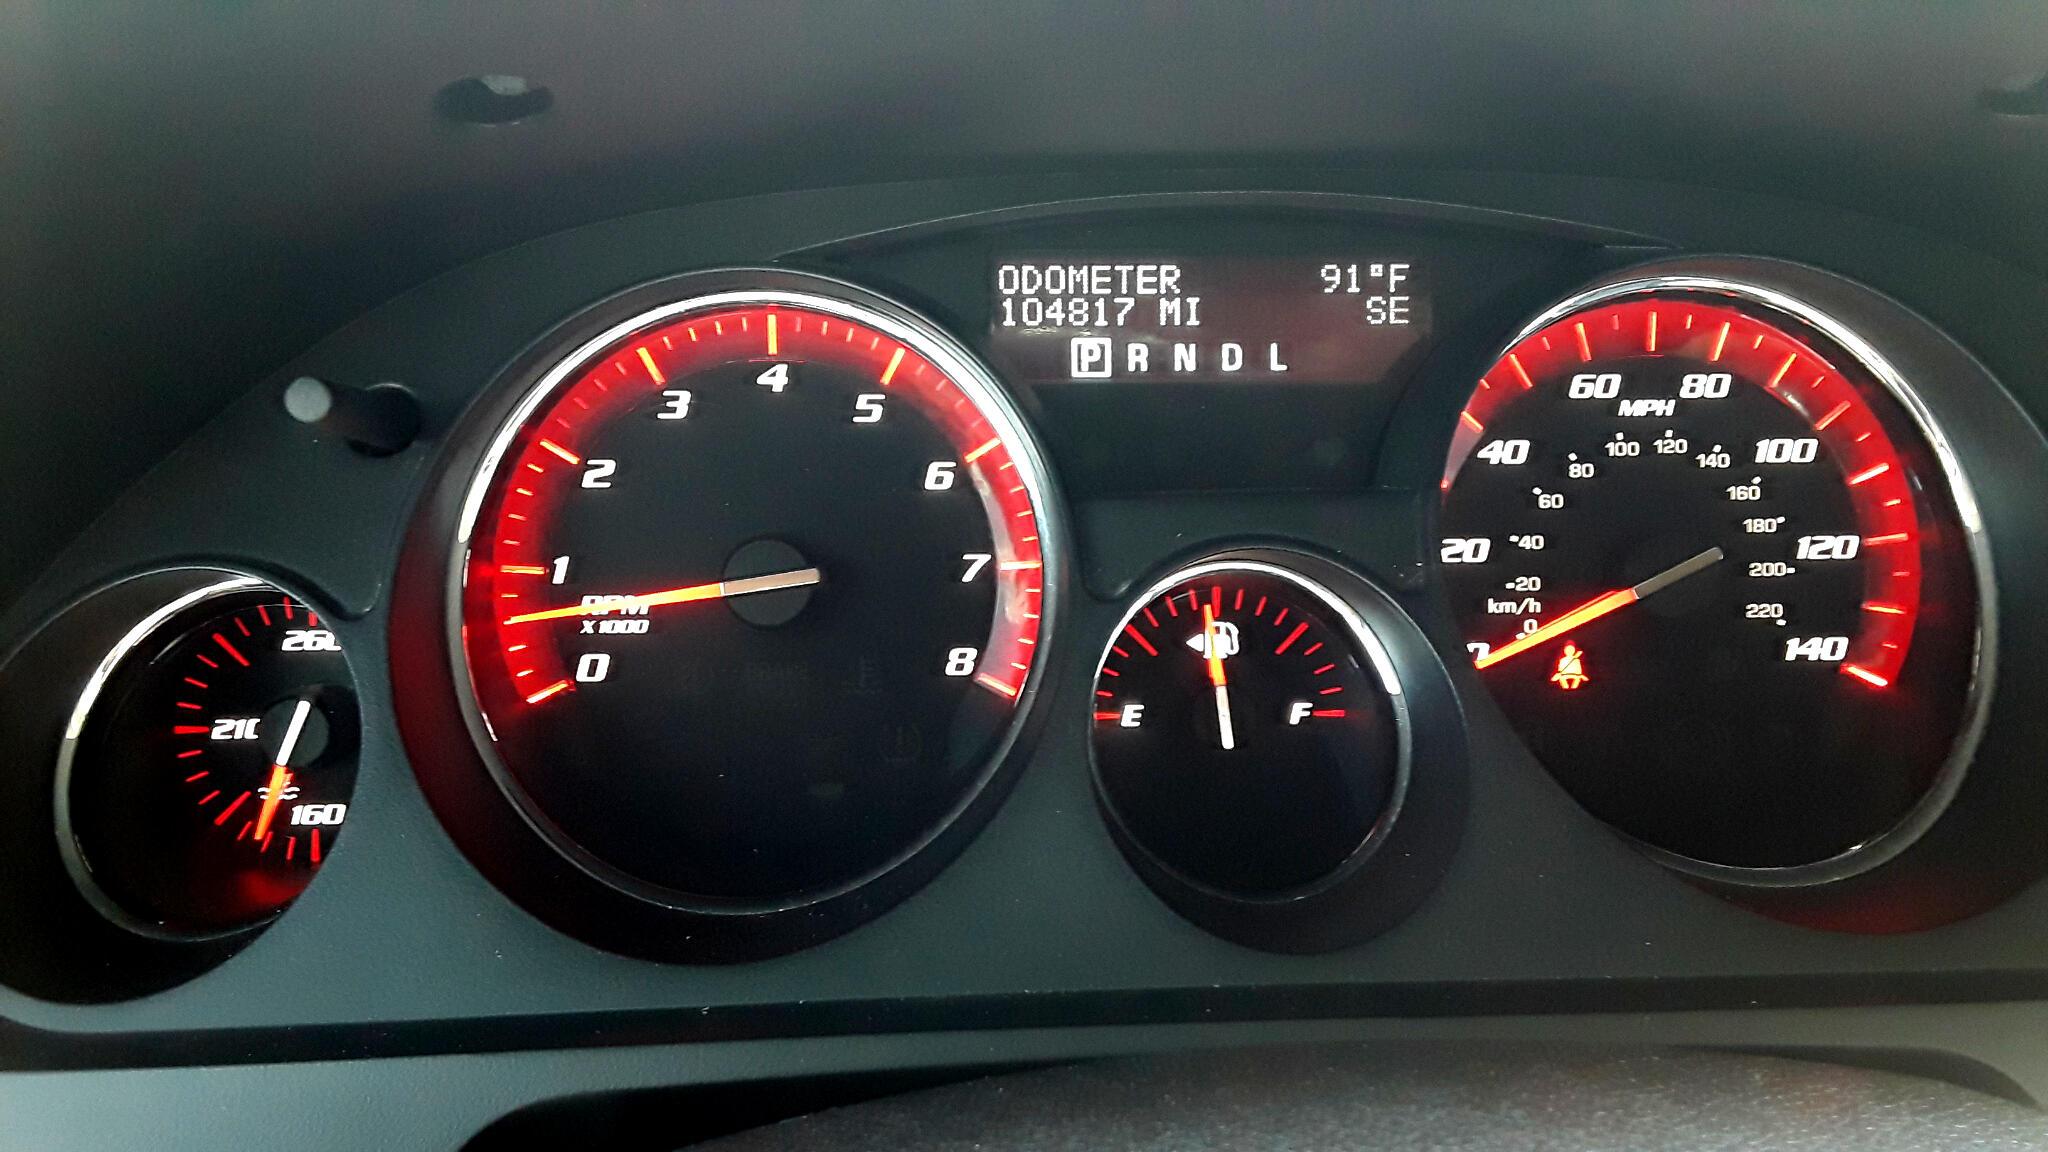 2012 GMC Acadia SLT 4 dr FWD 3.6L V6